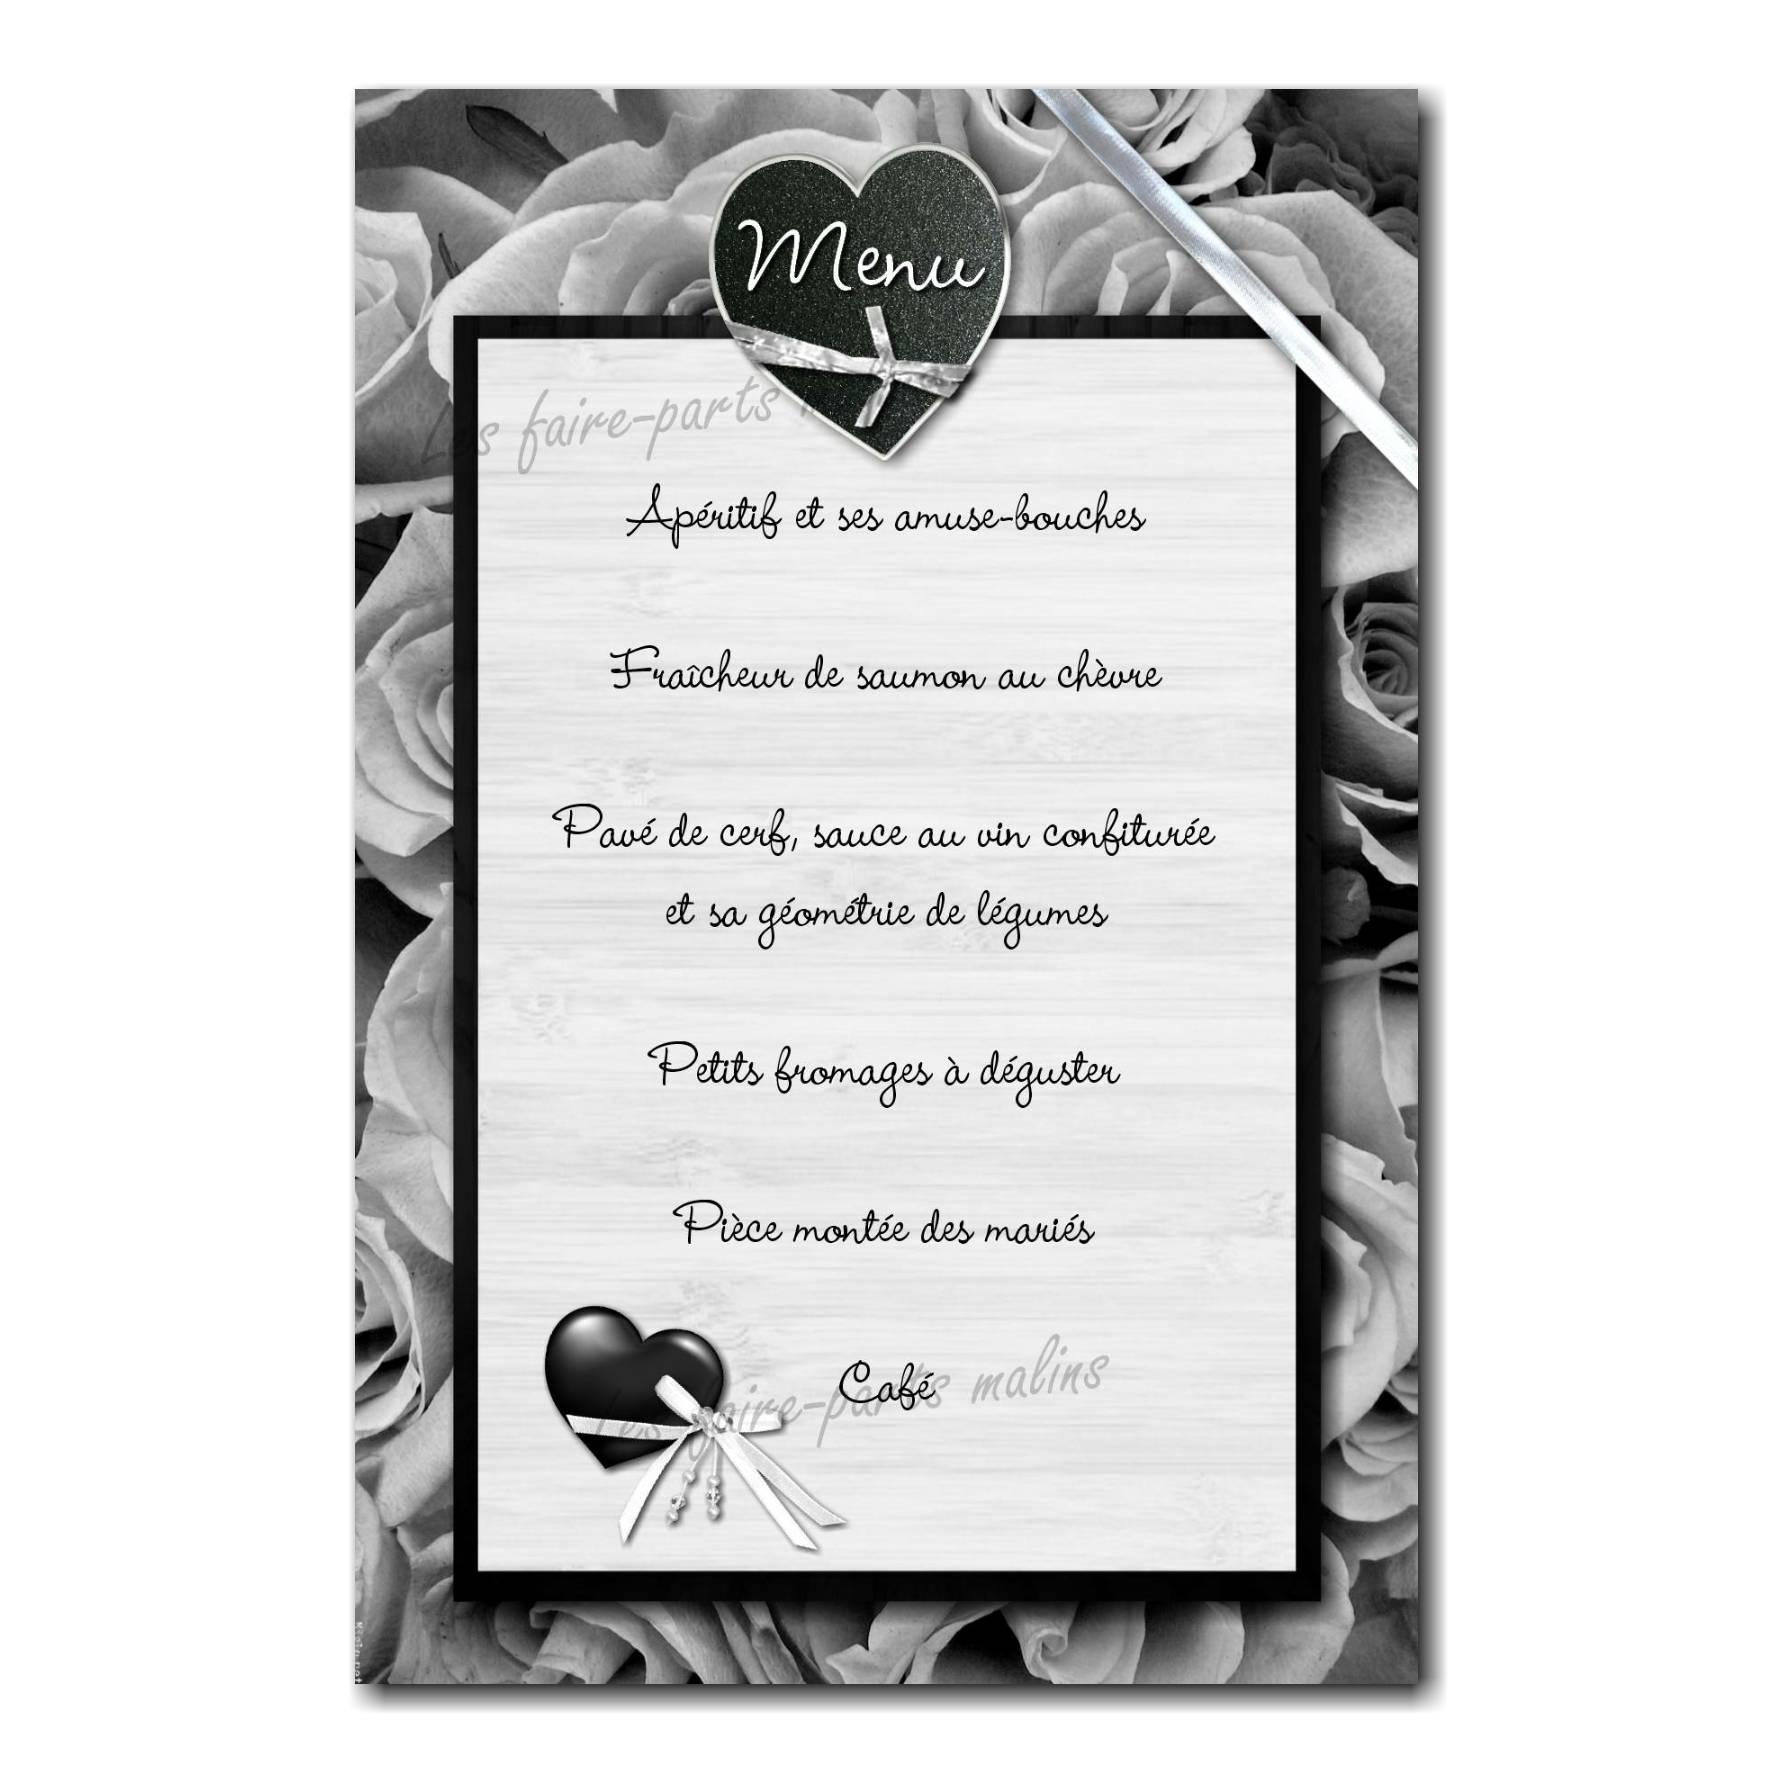 carte de menu coeur en noir et blanc sur fond fleuri